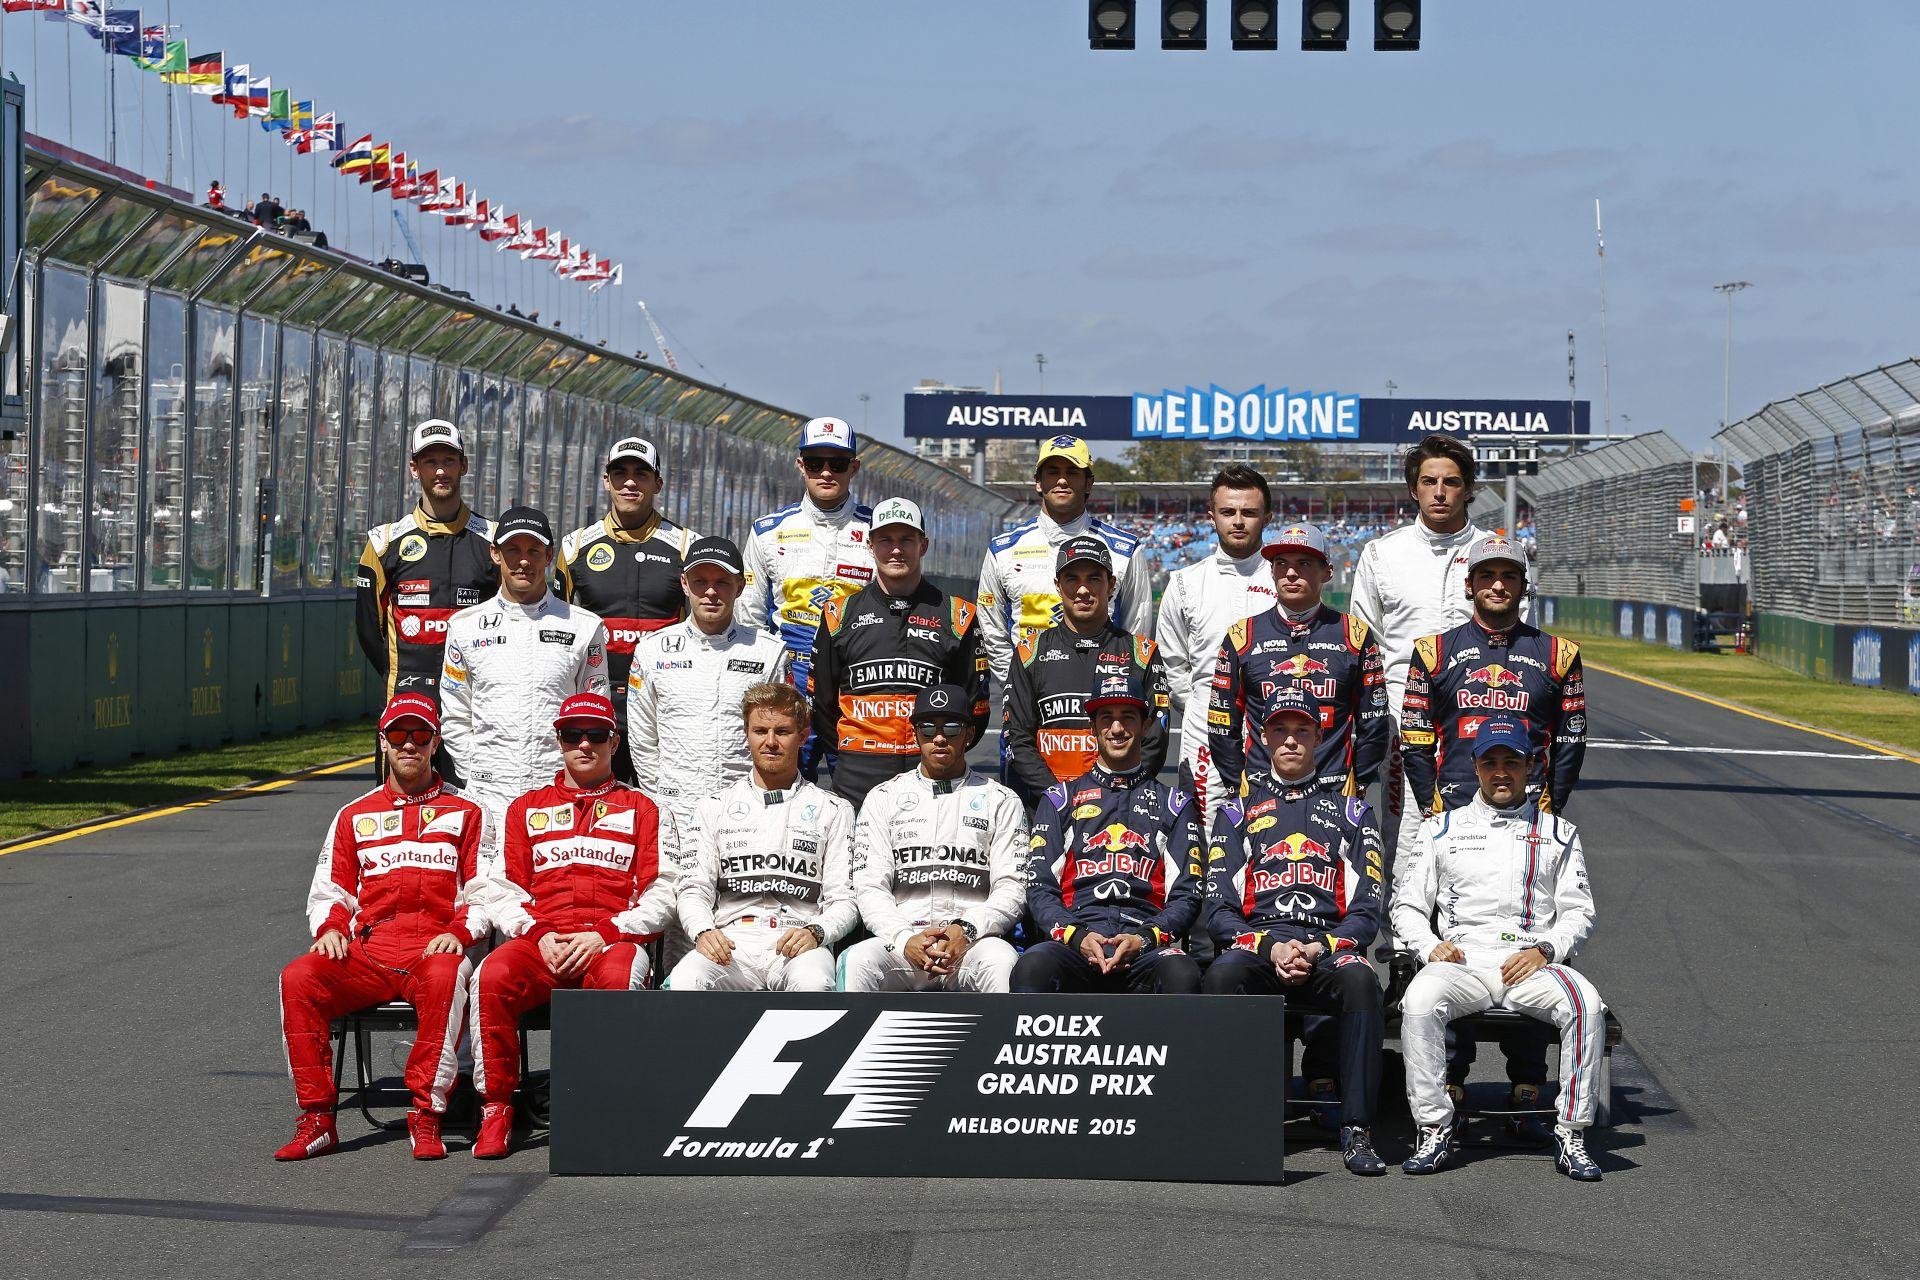 Ausztrál Nagydíj 2015: Hivatalos összefoglaló videó a versenyről